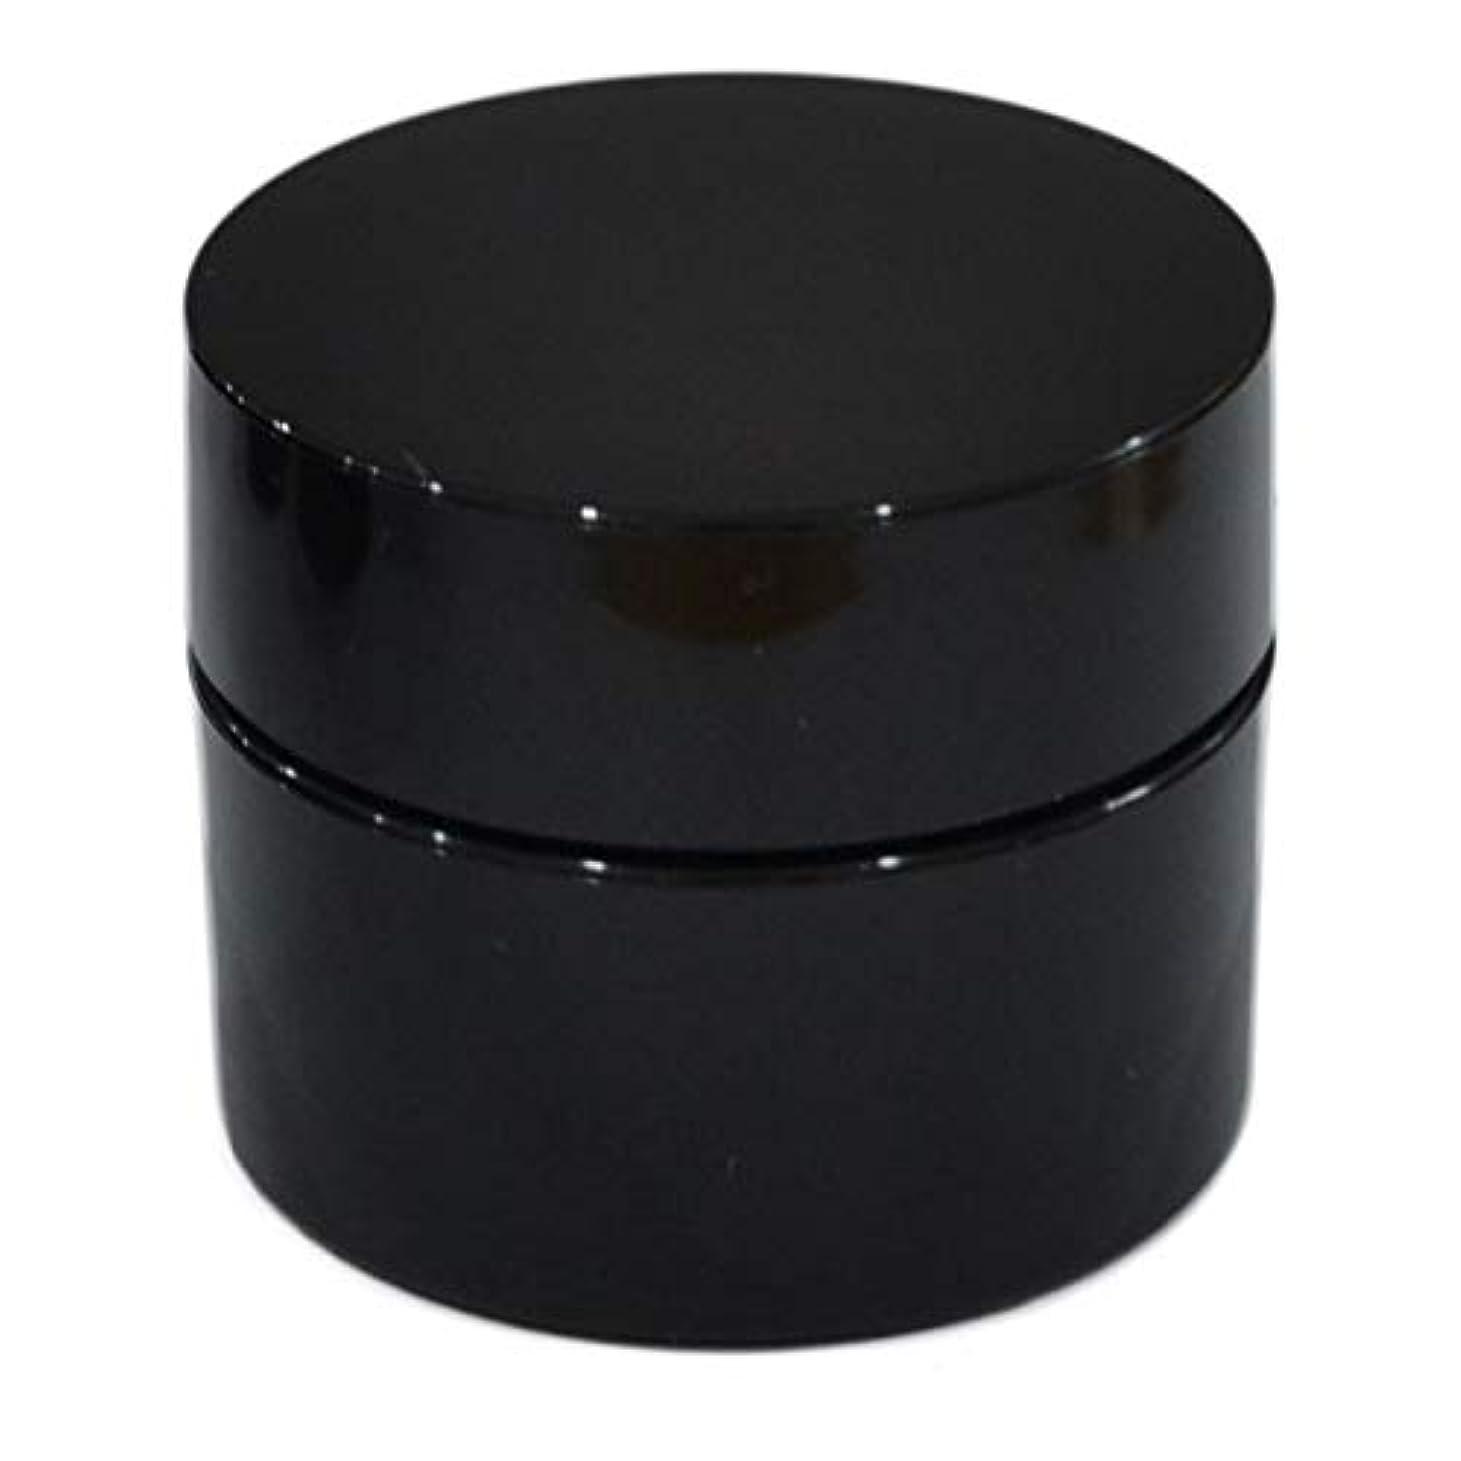 工業用自治主要な純国産ネイルジェル用コンテナ 10g用GA10g 漏れ防止パッキン&ブラシプレート付容器 ジェルを無駄なく使える底面傾斜あり 遮光 黒 ブラック